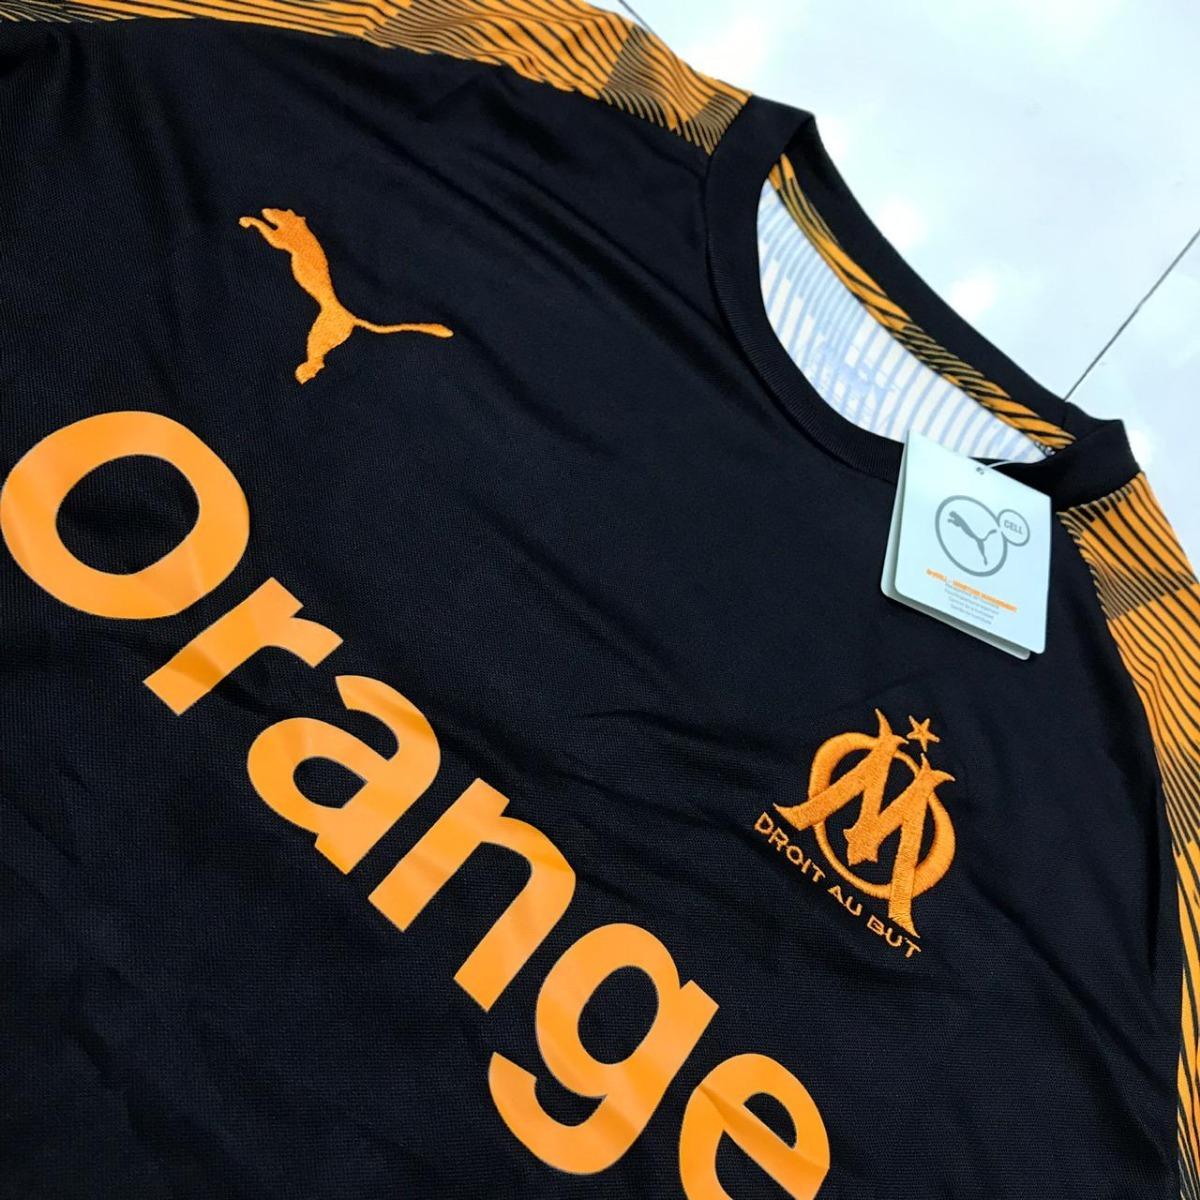 2625a4ff0 camisa olympique de marseille 2019 !!!!frete gratis. Carregando zoom.